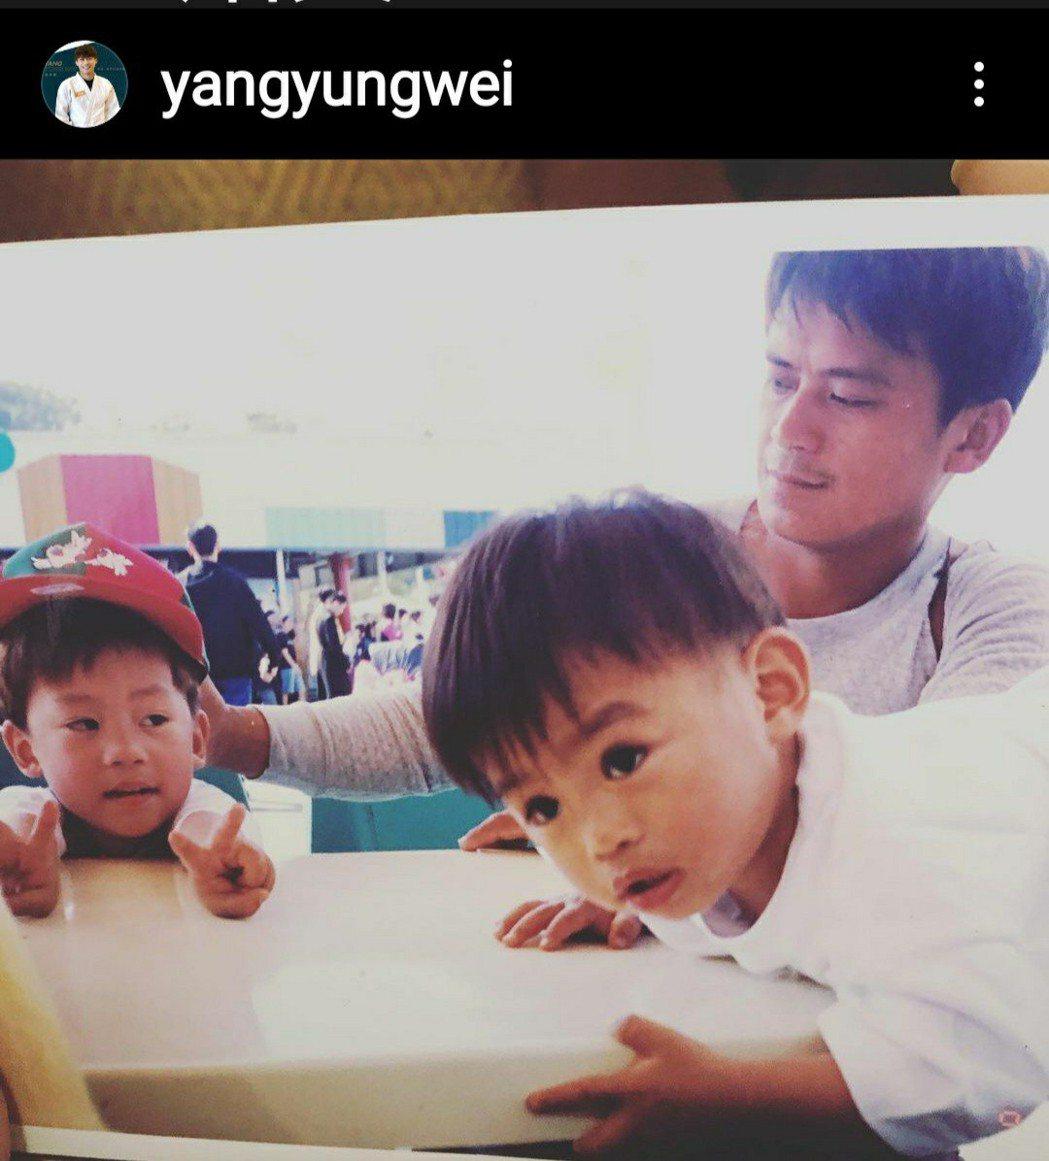 奧運柔道銀牌的楊勇緯成知名人物,他父親也被網友說,年輕時很像藝人柯叔元。圖/取自